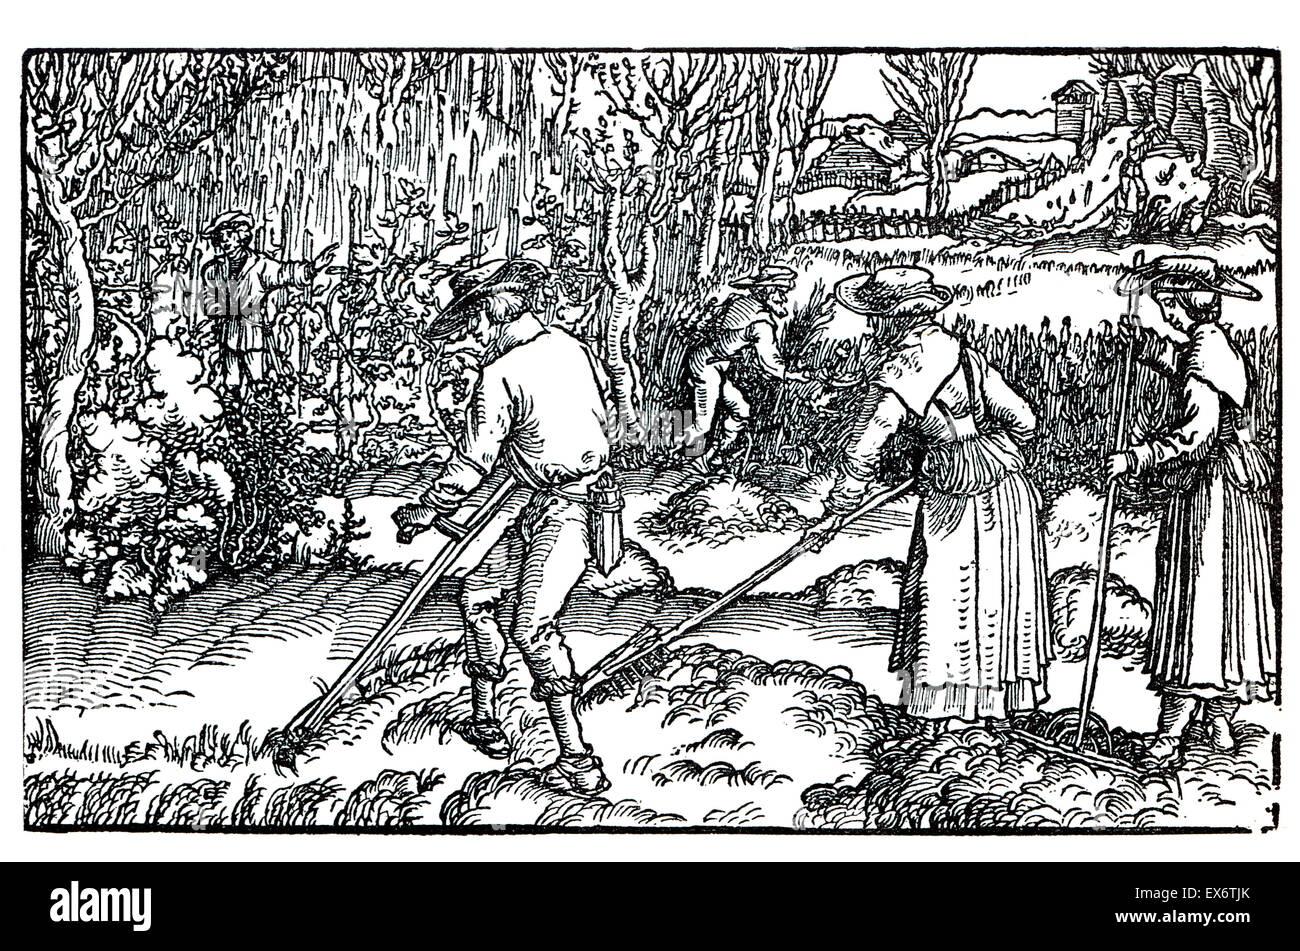 Xvi secolo l'agricoltura, 1582 xilografia illustrazione di Hans Burgmair (Burgkmair) Immagini Stock